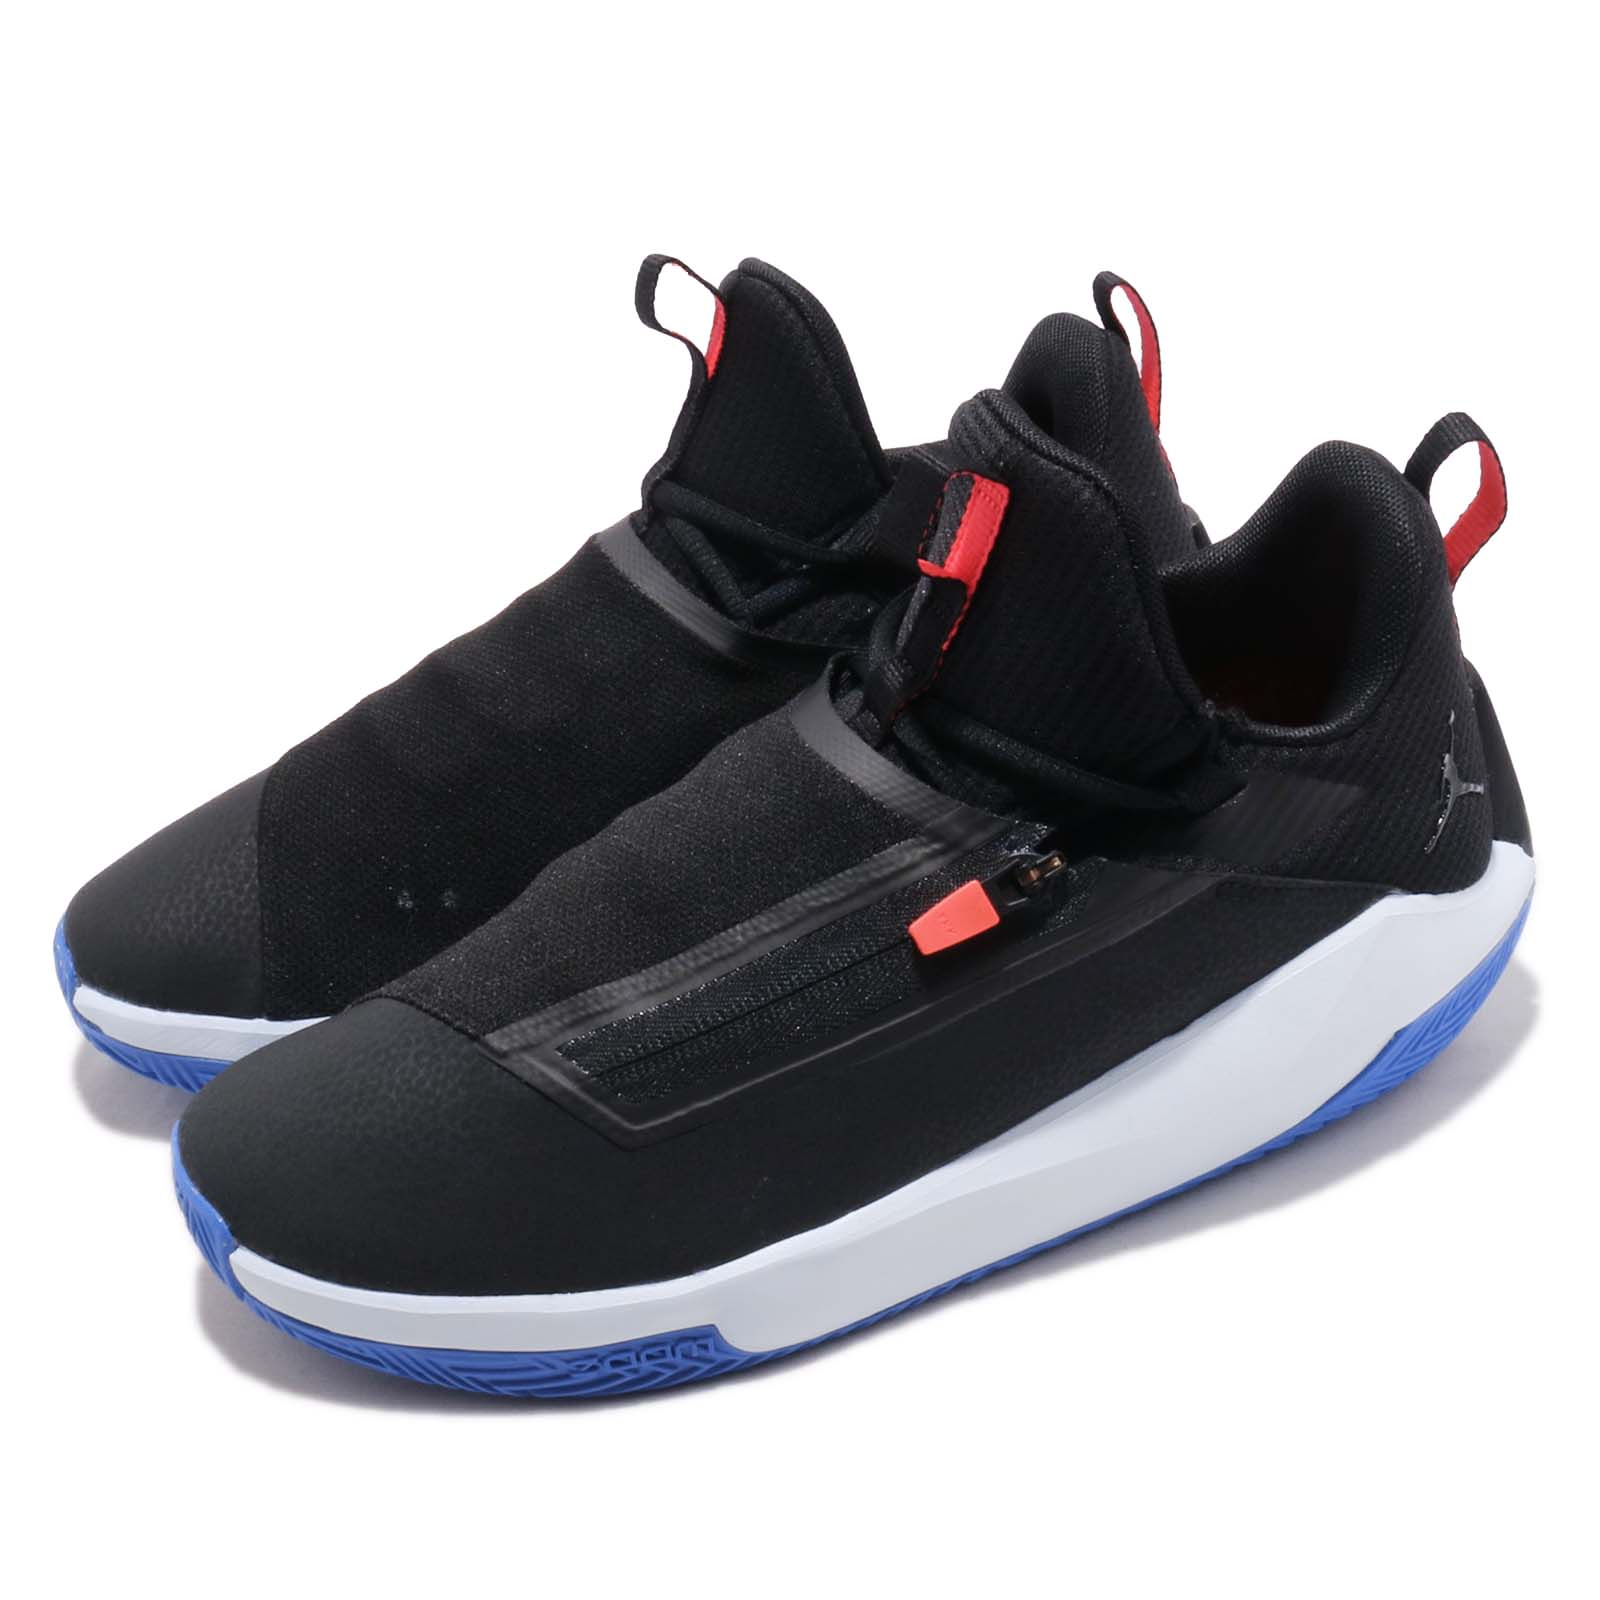 Nike 籃球鞋 Jumpman Hustle 男鞋 AQ0394-004